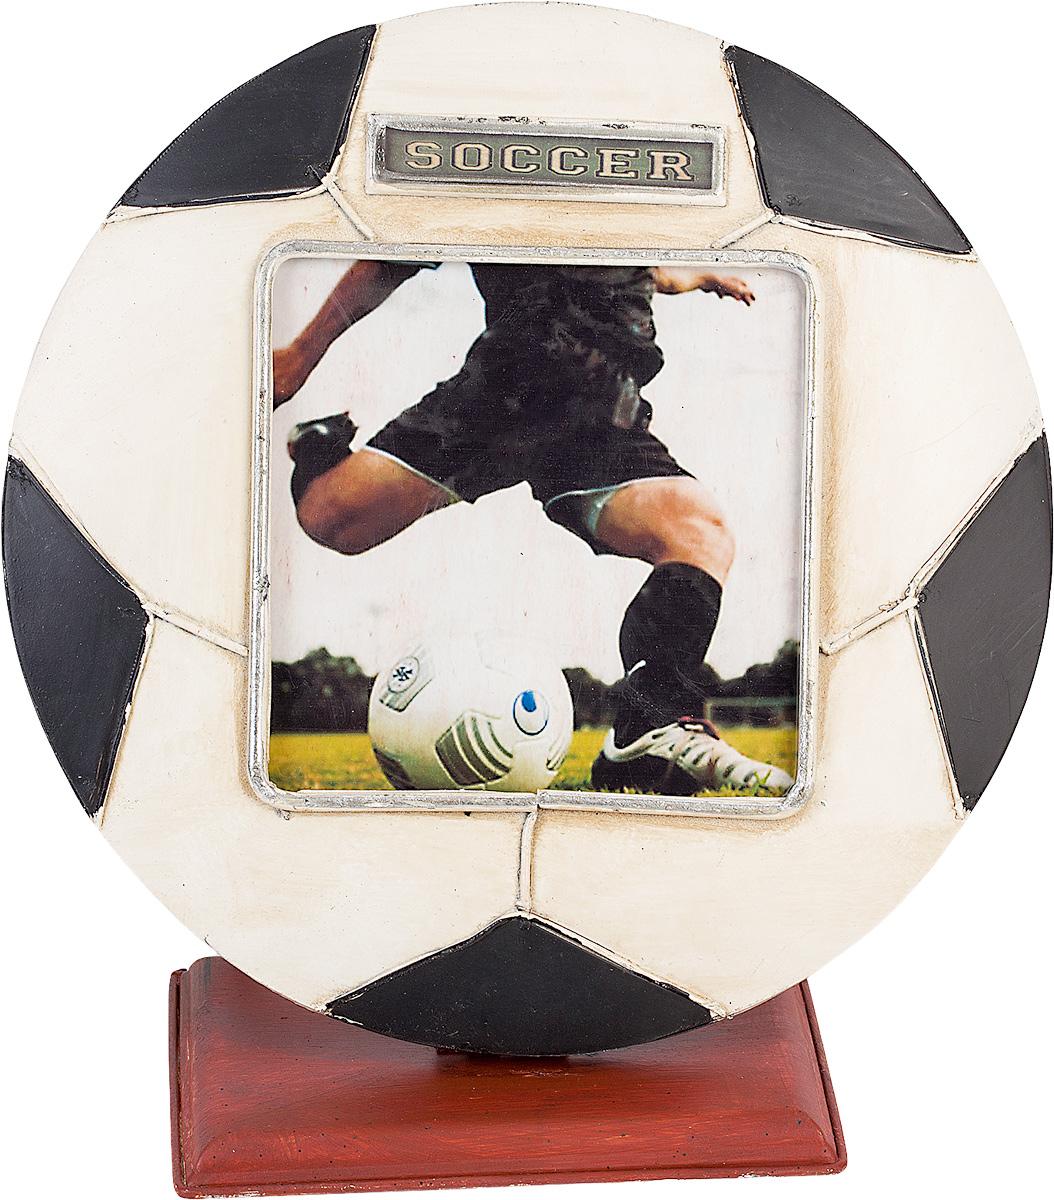 Фоторамка Platinum Футбольный мяч, 11 х 11 смFBVD-119002Фоторамка Platinum Футбольный мяч выполнена в классическом стиле из высококачественных материалов. Такая фоторамка поможет вам оригинально и стильно дополнить интерьер помещения, а также позволит сохранить память о дорогих вам людях и интересных событиях вашей жизни.Подходит для фотографии размером: 11 х 11 см.